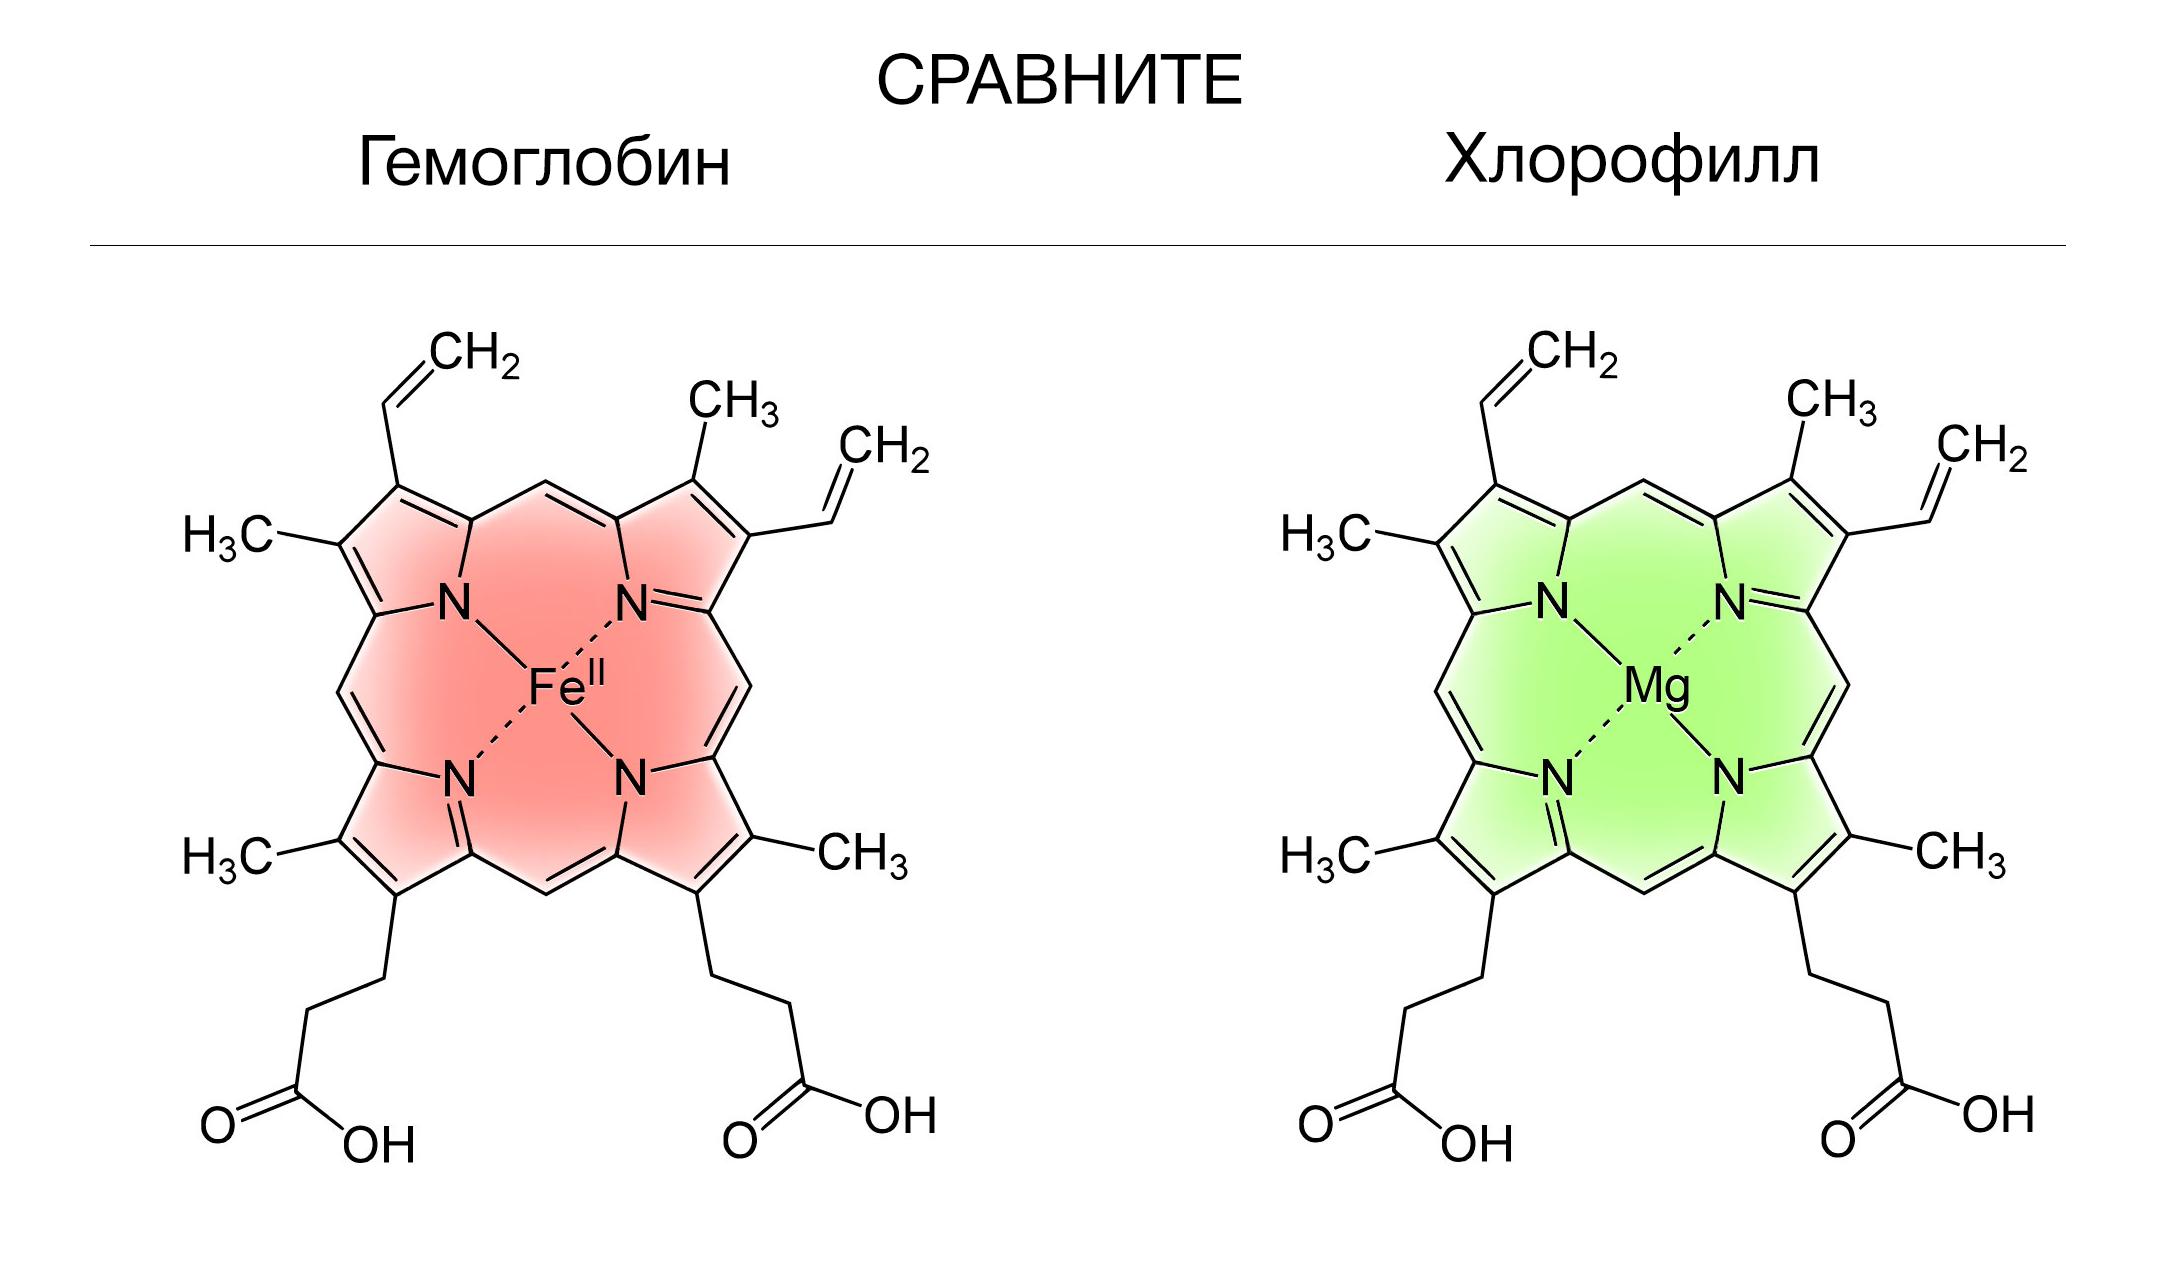 Сравните строение молекулы хлорофилла и гемоглобина